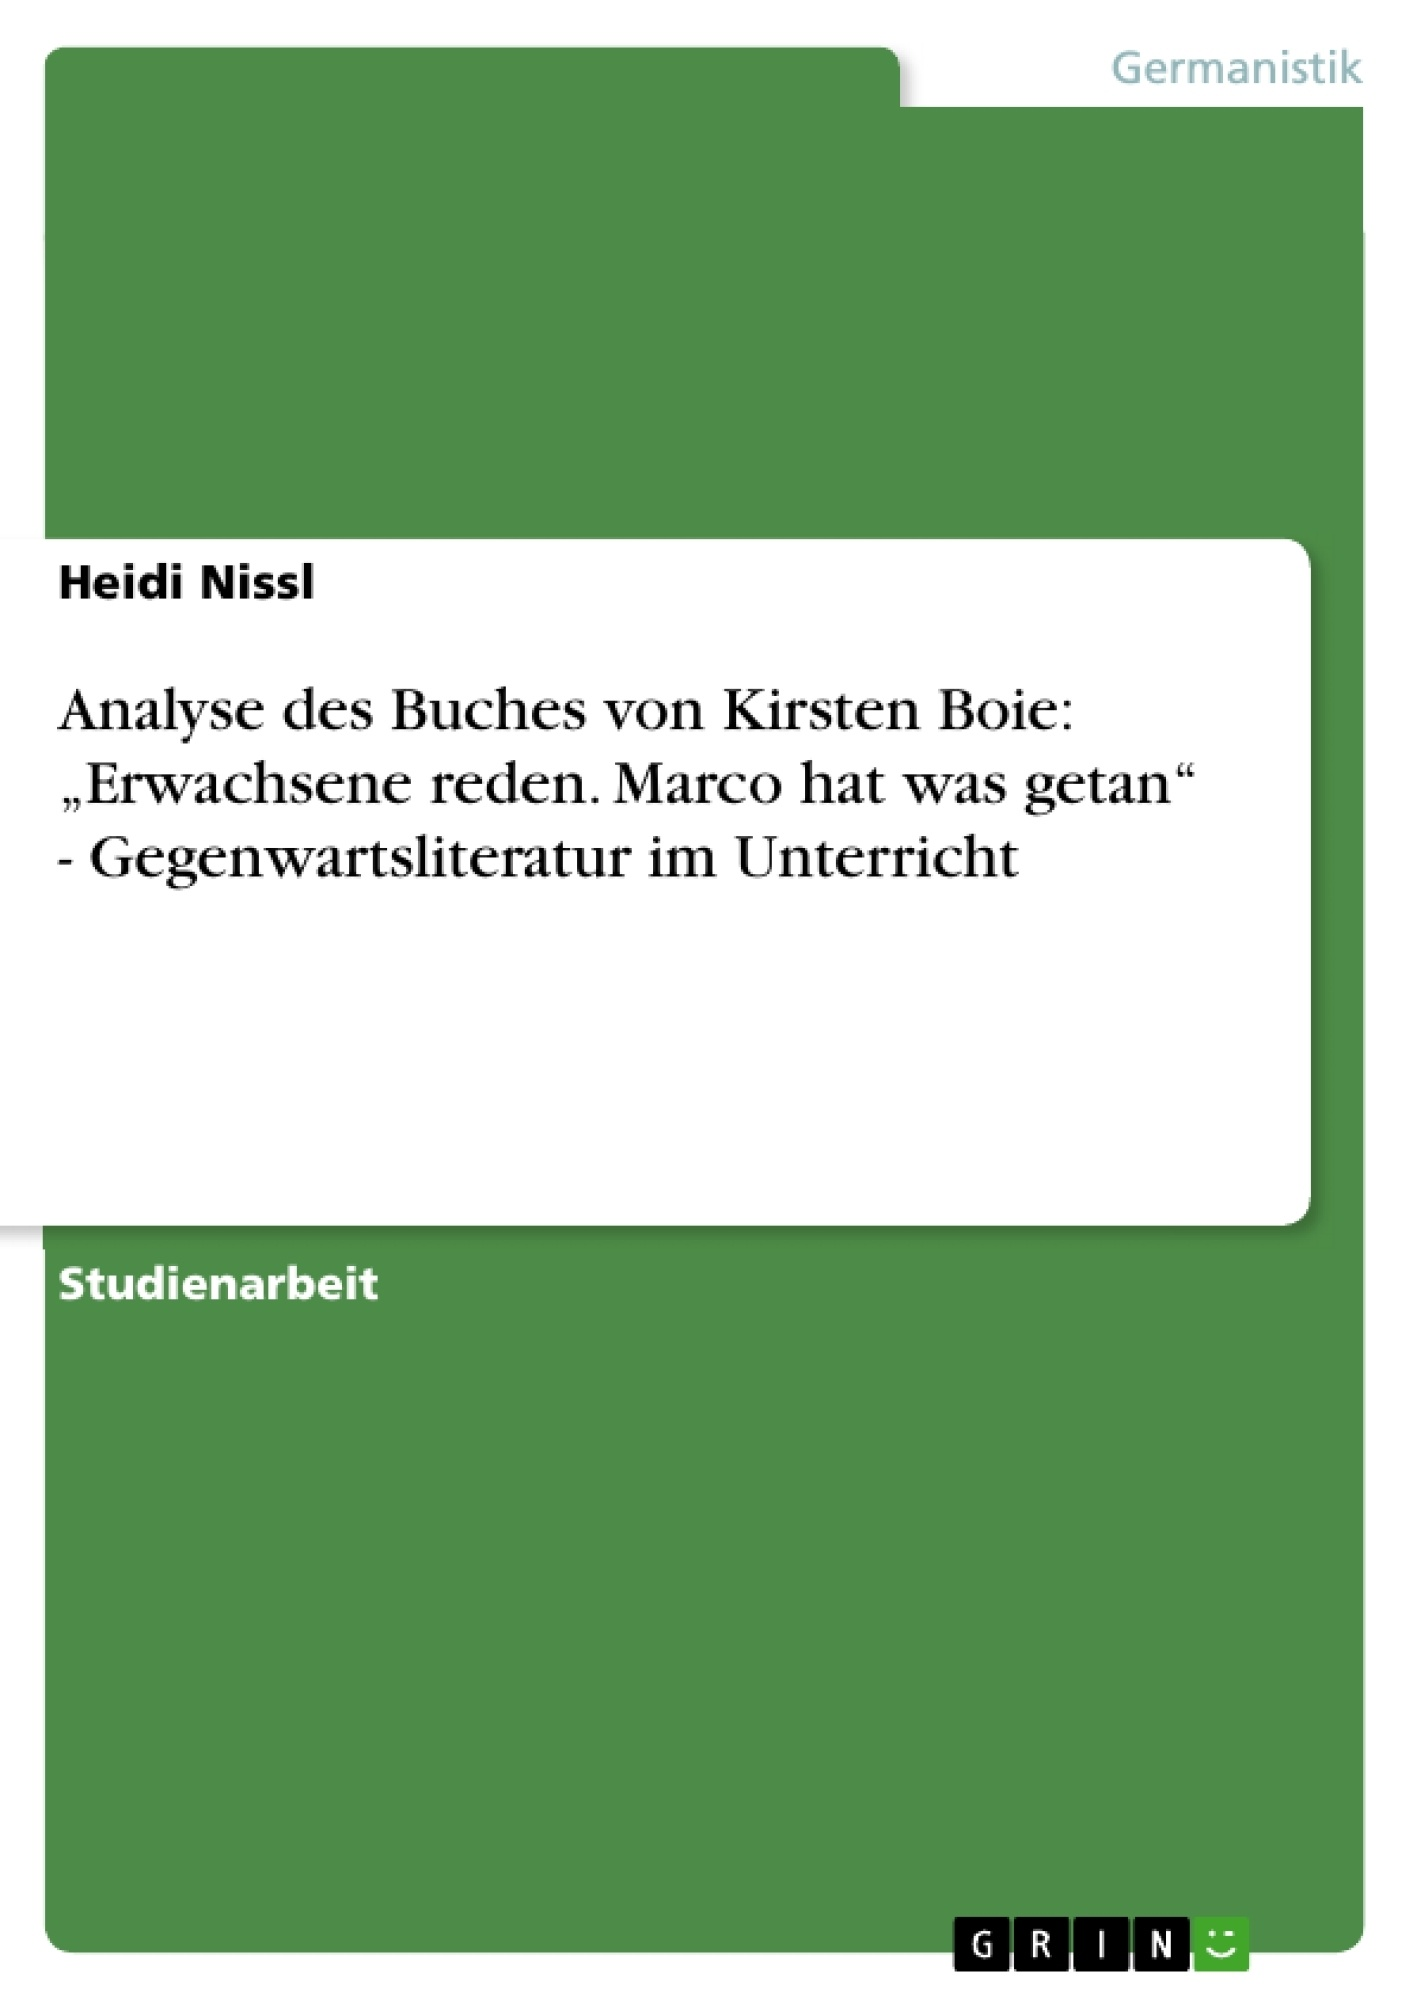 """Titel: Analyse des Buches von Kirsten Boie: """"Erwachsene reden. Marco hat was getan"""" - Gegenwartsliteratur im Unterricht"""